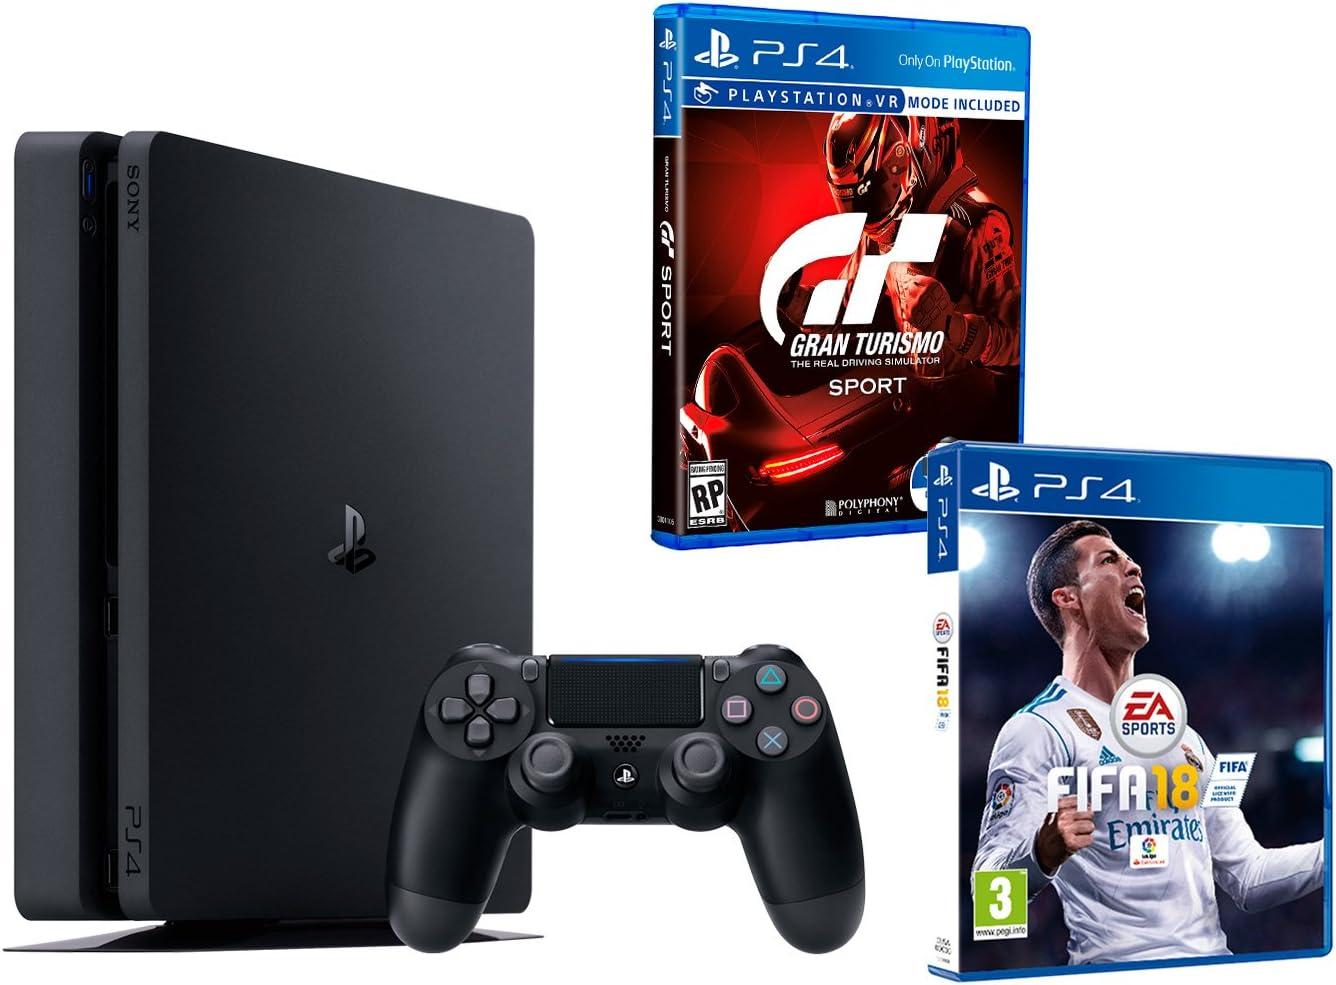 PS4 Slim 1Tb Negra Playstation 4 Consola - Pack 2 Juegos - FIFA 18 + Gran Turismo Sport GT Sport: Amazon.es: Videojuegos